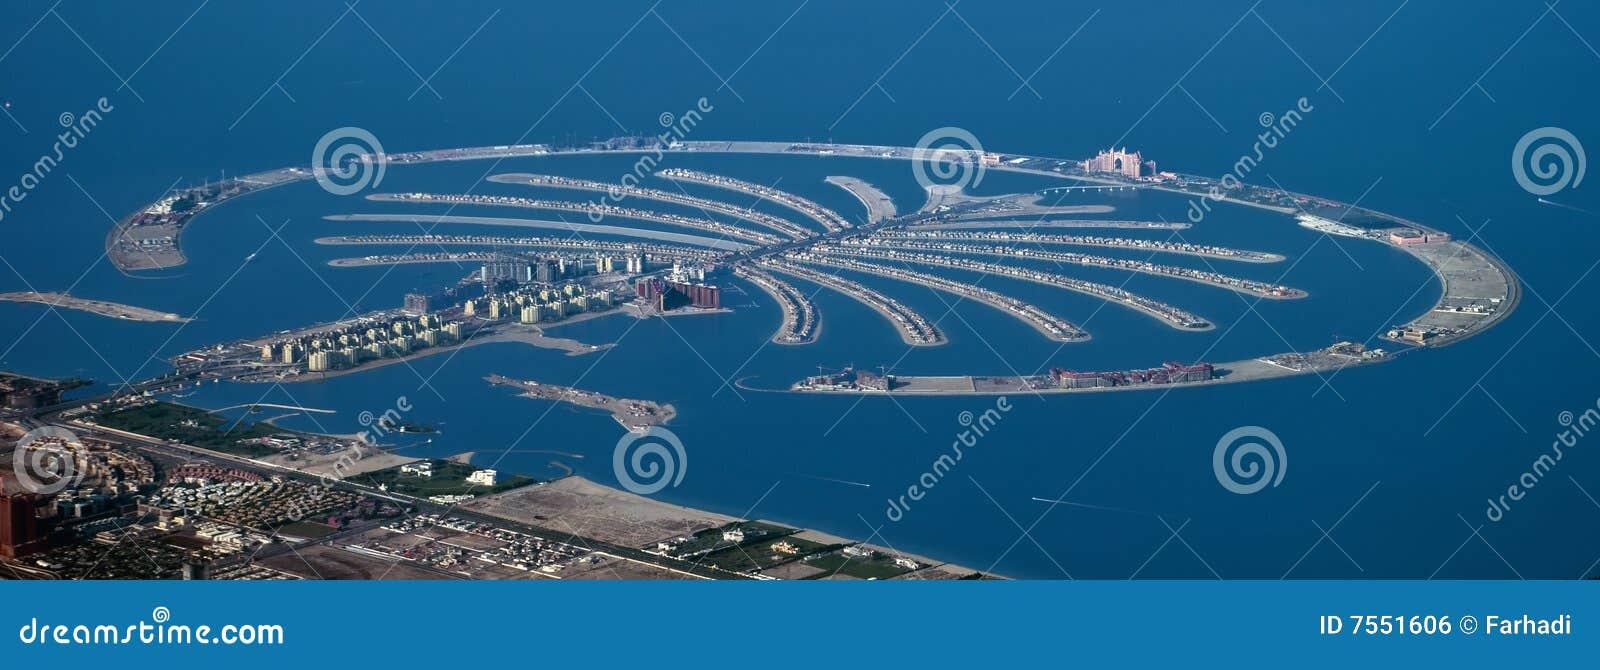 Isla de la palma - Dubai